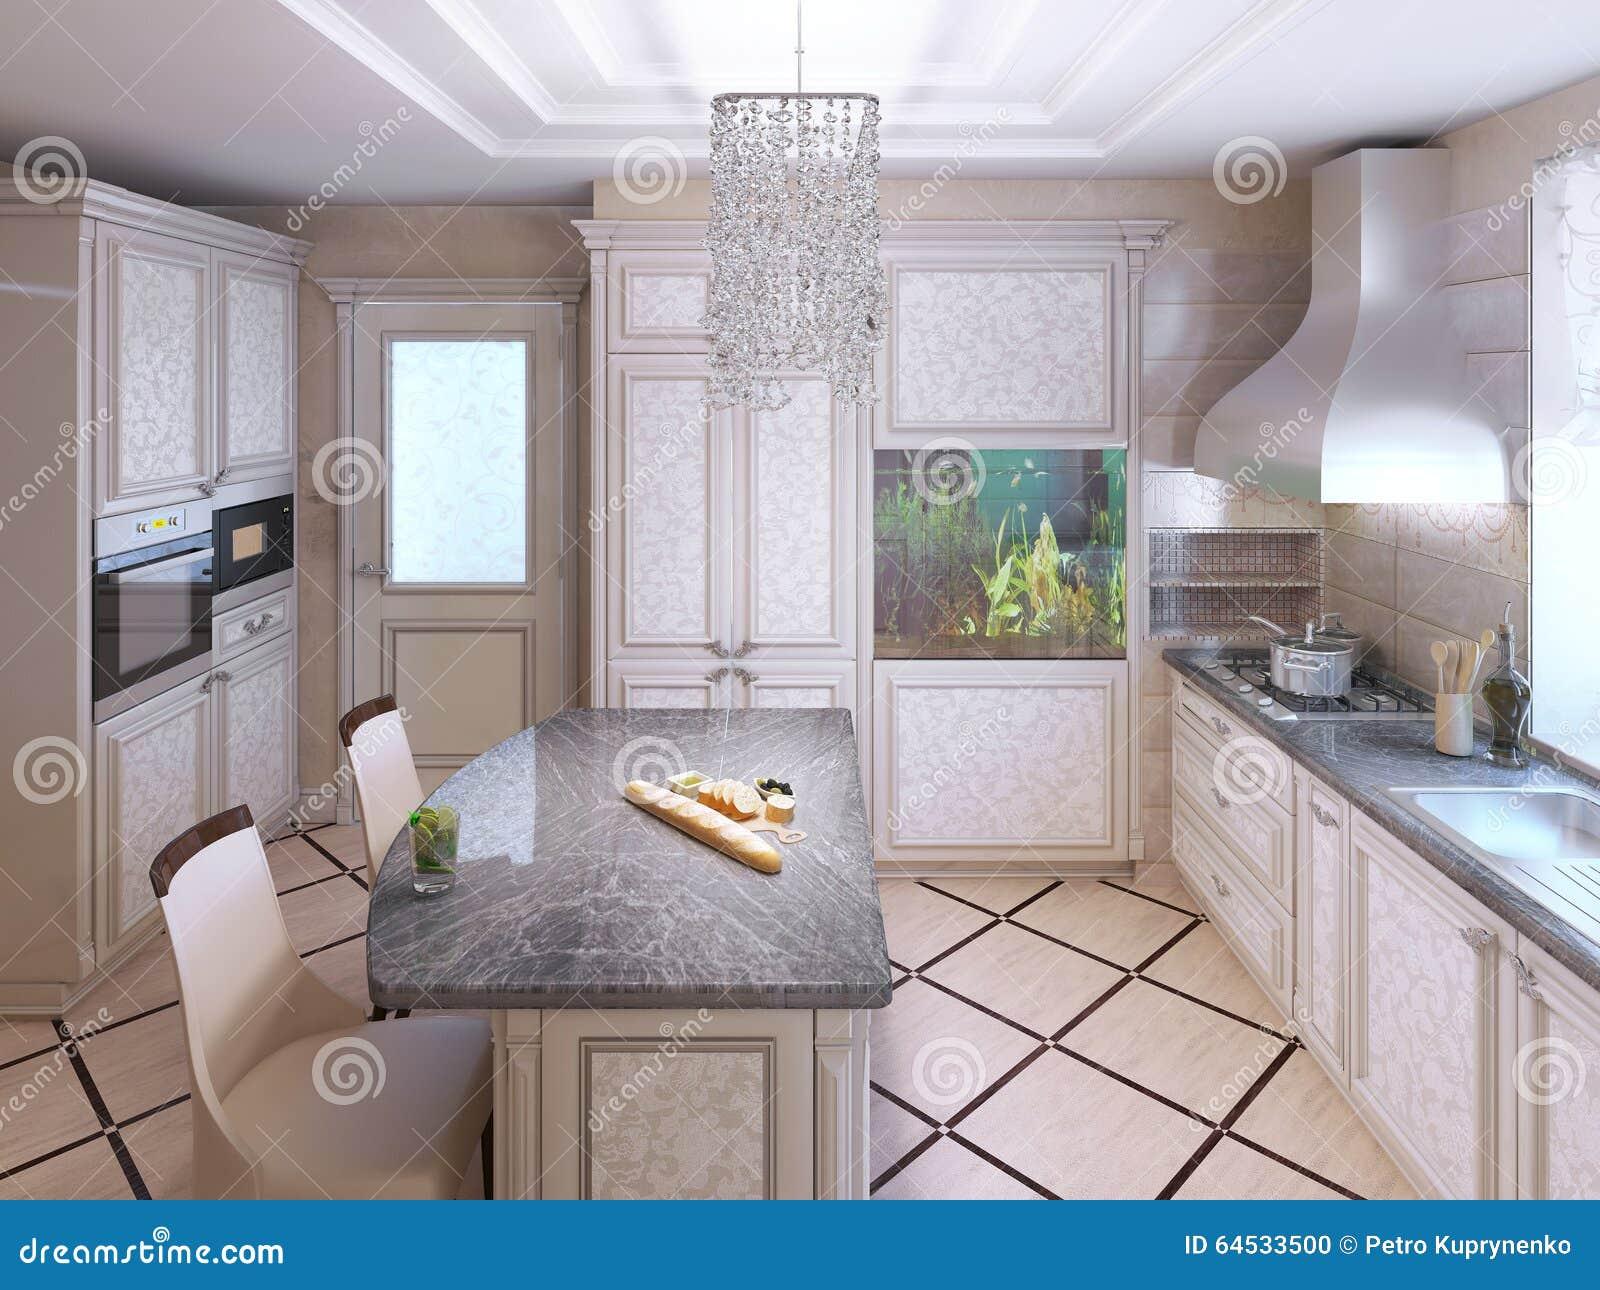 Piastrelle cucina leroy merlin - Dipingere piastrelle cucina ...